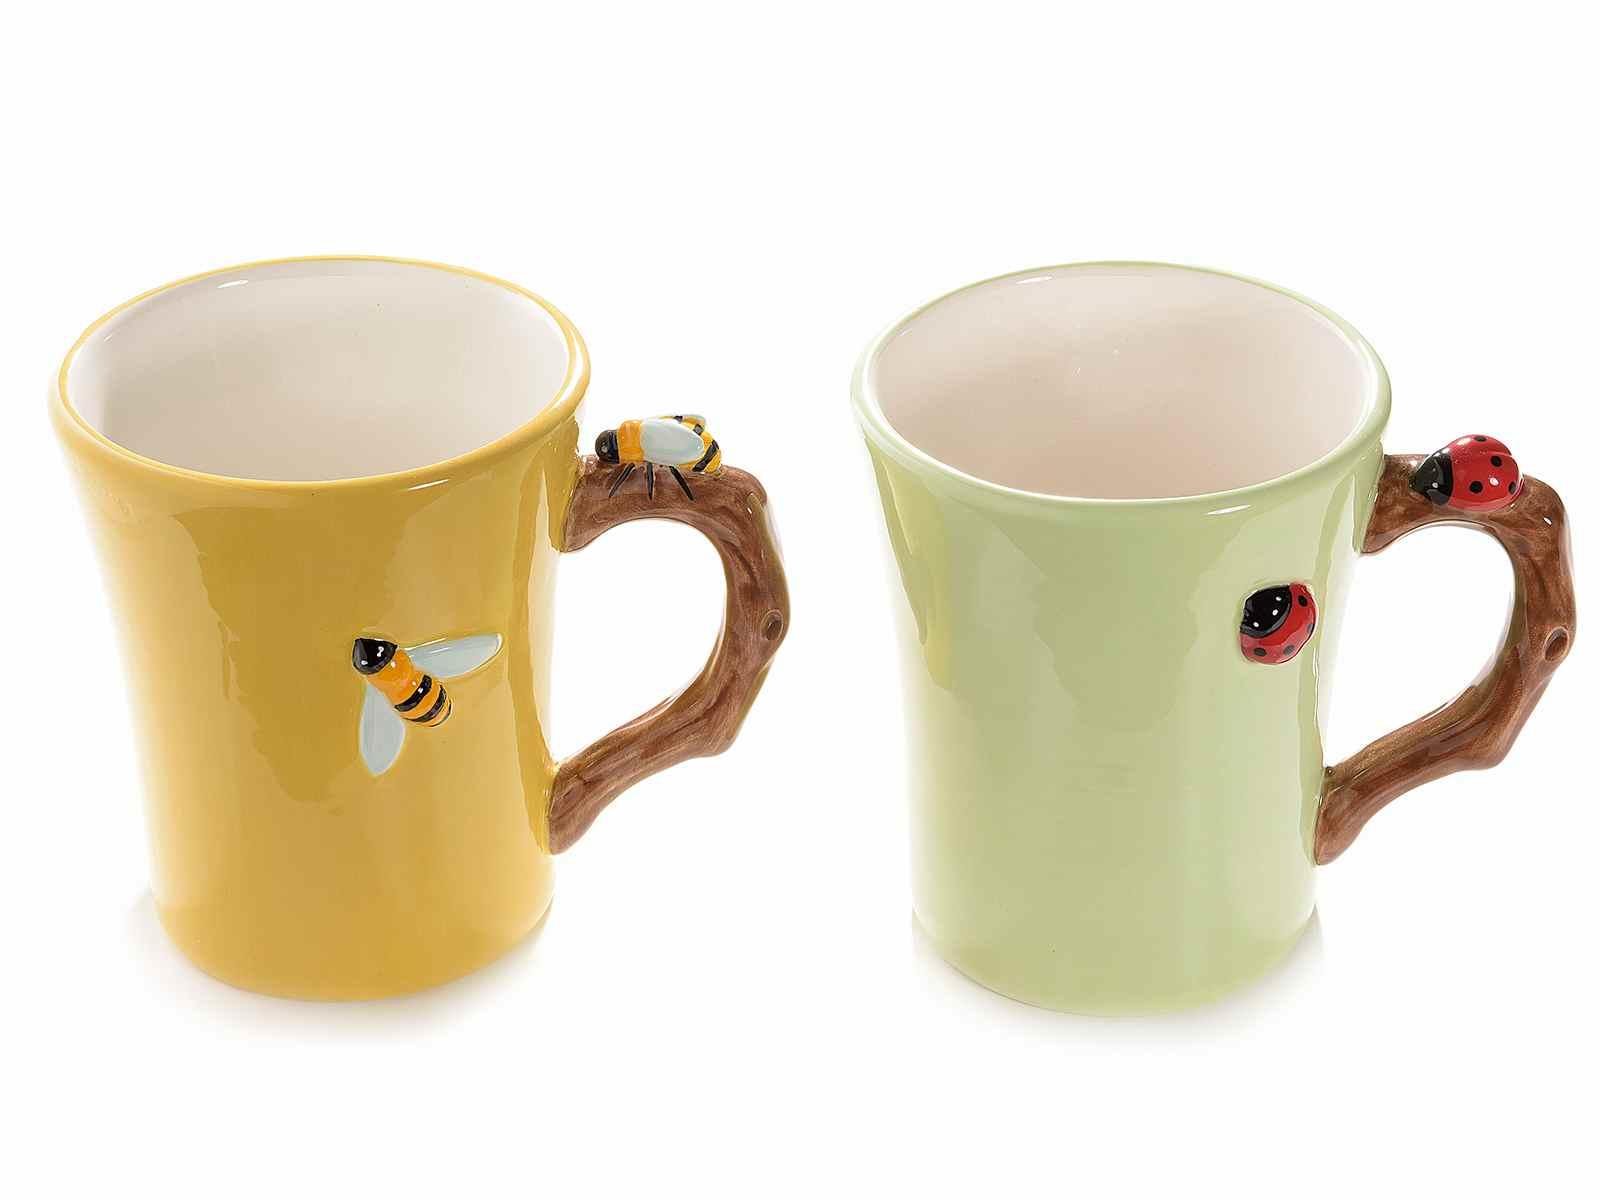 Taza en ceramica con decoracion en relieve - Ceramica decoracion ...